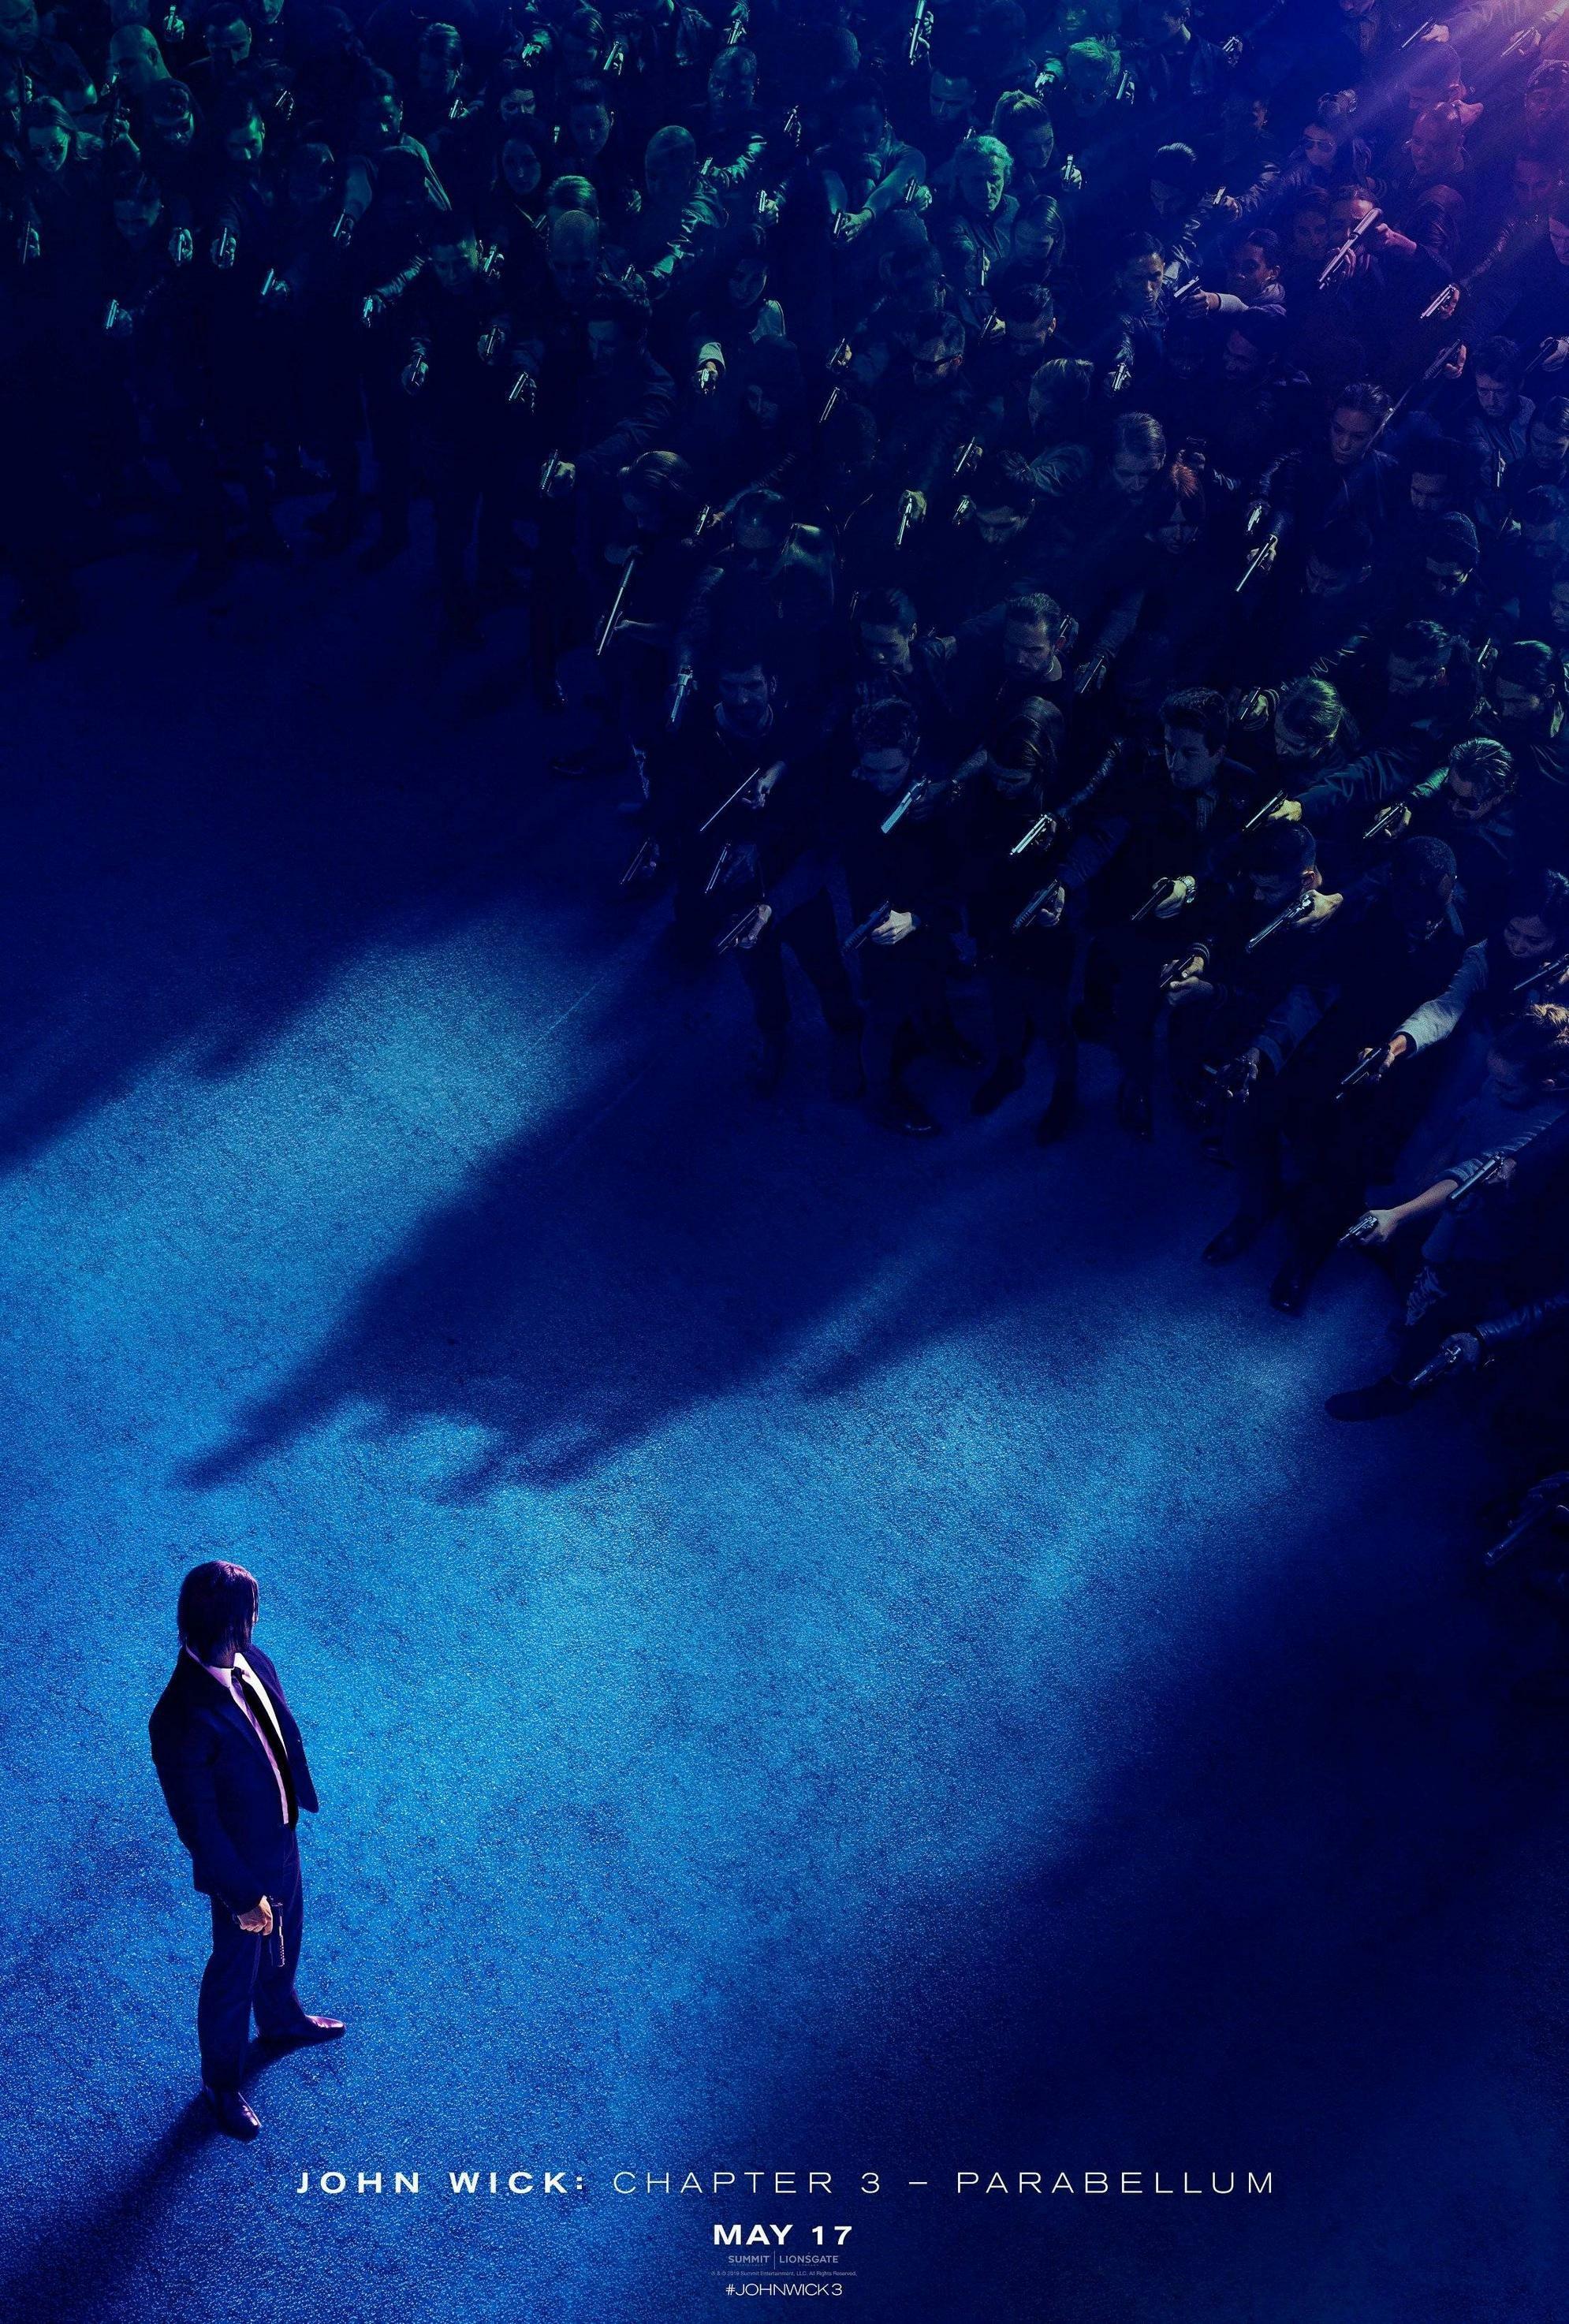 """John Wick: Chapter 3 - Parabellum / """"Джон Уик 3"""" – Премиерна дата: 17/05/2019; Режисьор: Чад Сталески: Участват: Киану Рийвс, Лорънс Фишбърн, Холи Бери"""